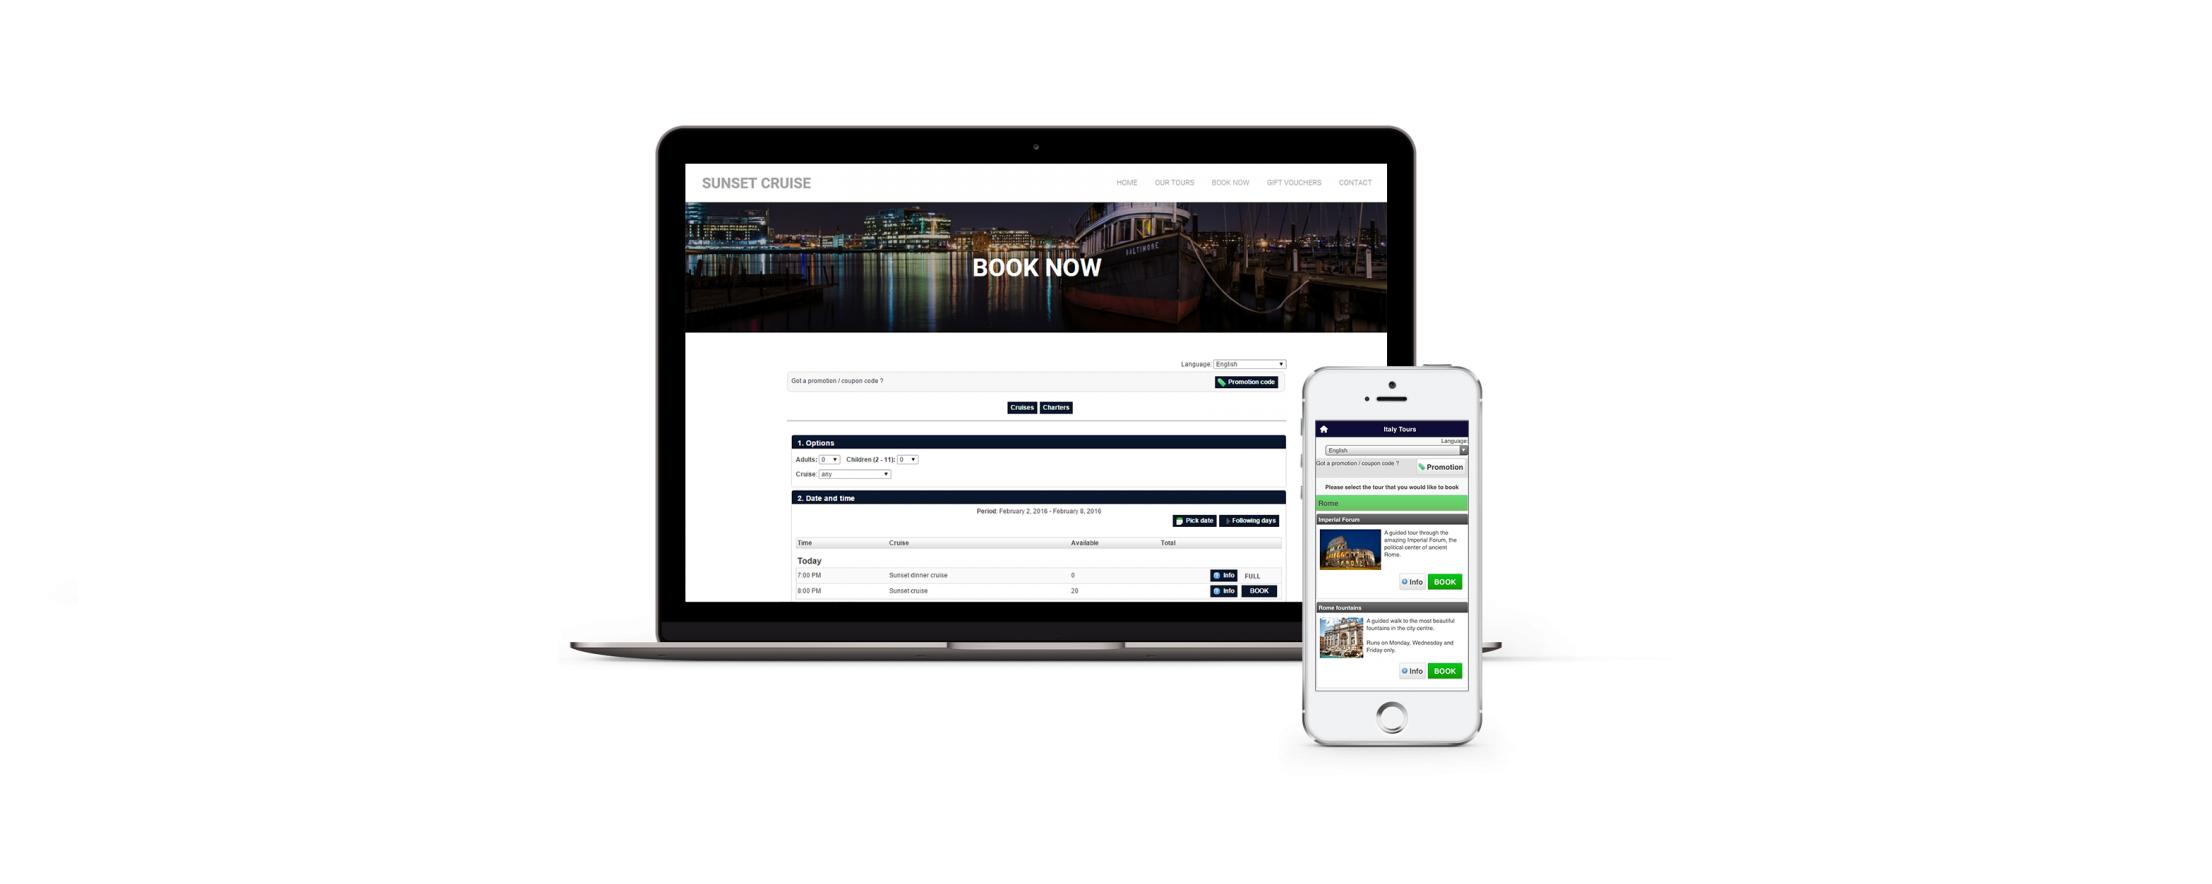 Avis Bookeo Tours et activités : Système de réservation de tours et activités - appvizer